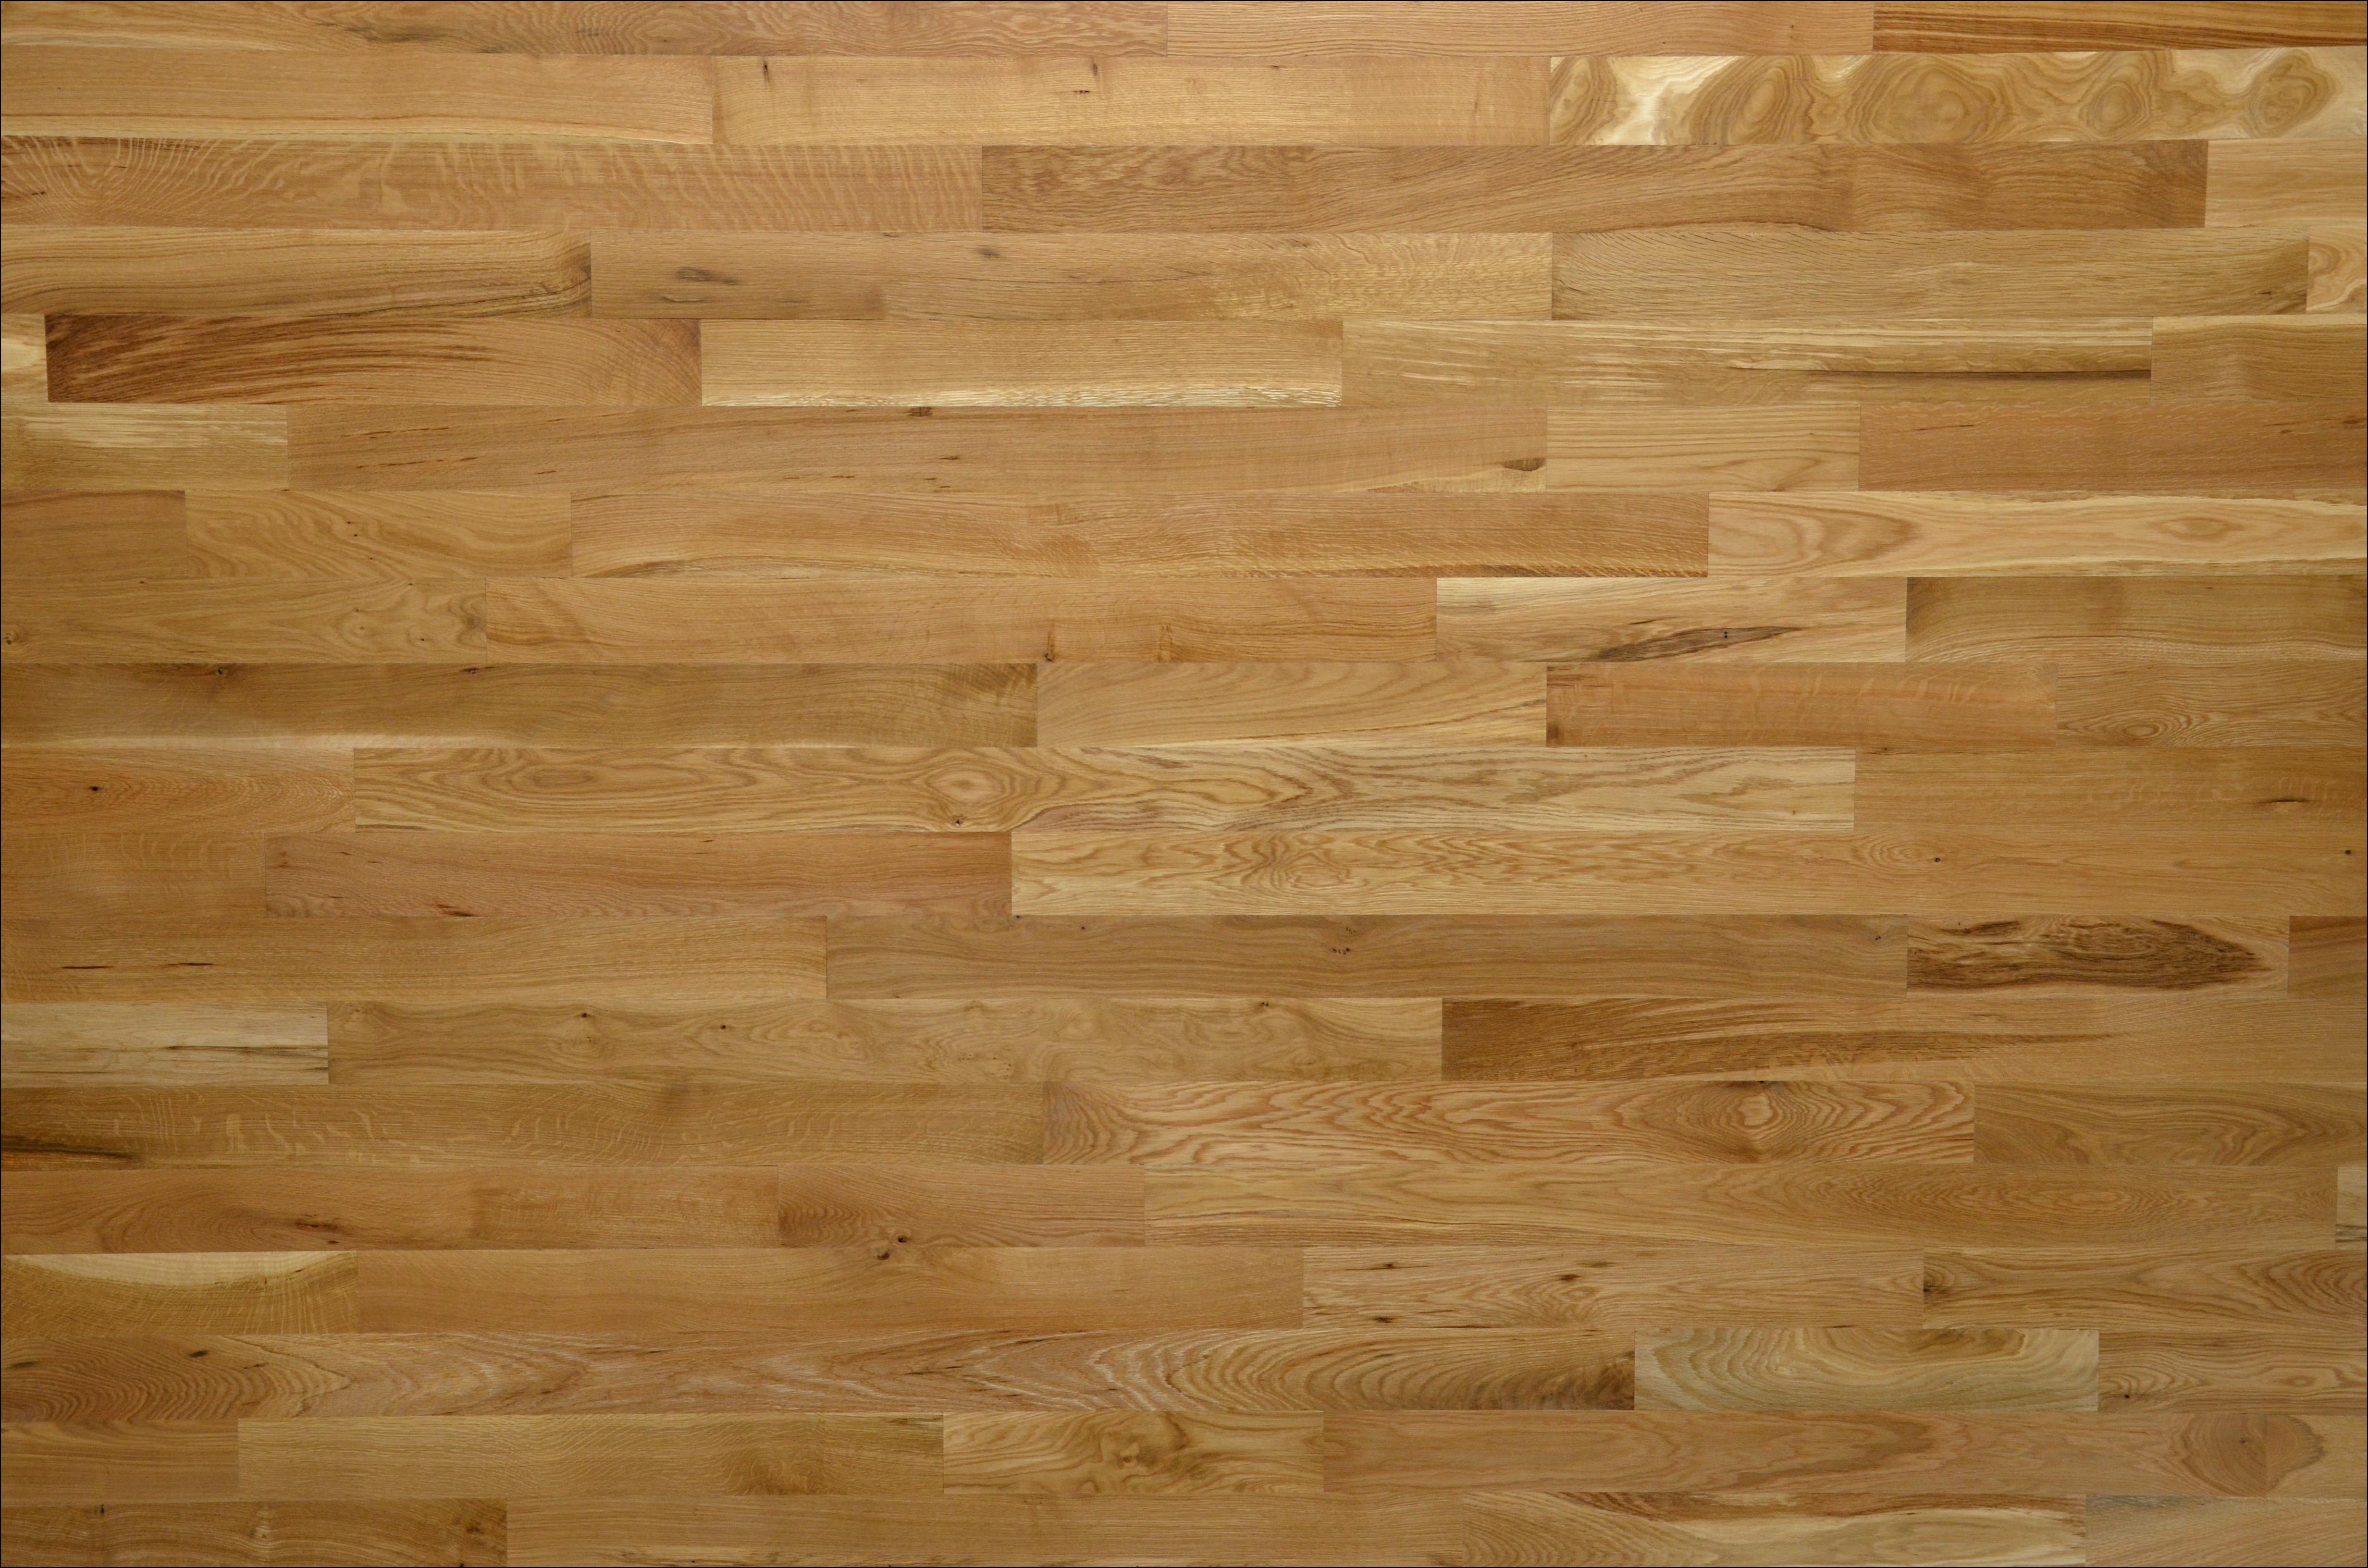 red oak hardwood flooring sale of 2 white oak flooring unfinished stock 2 mon red oak lacrosse throughout 2 white oak flooring unfinished stock 2 mon red oak lacrosse flooring